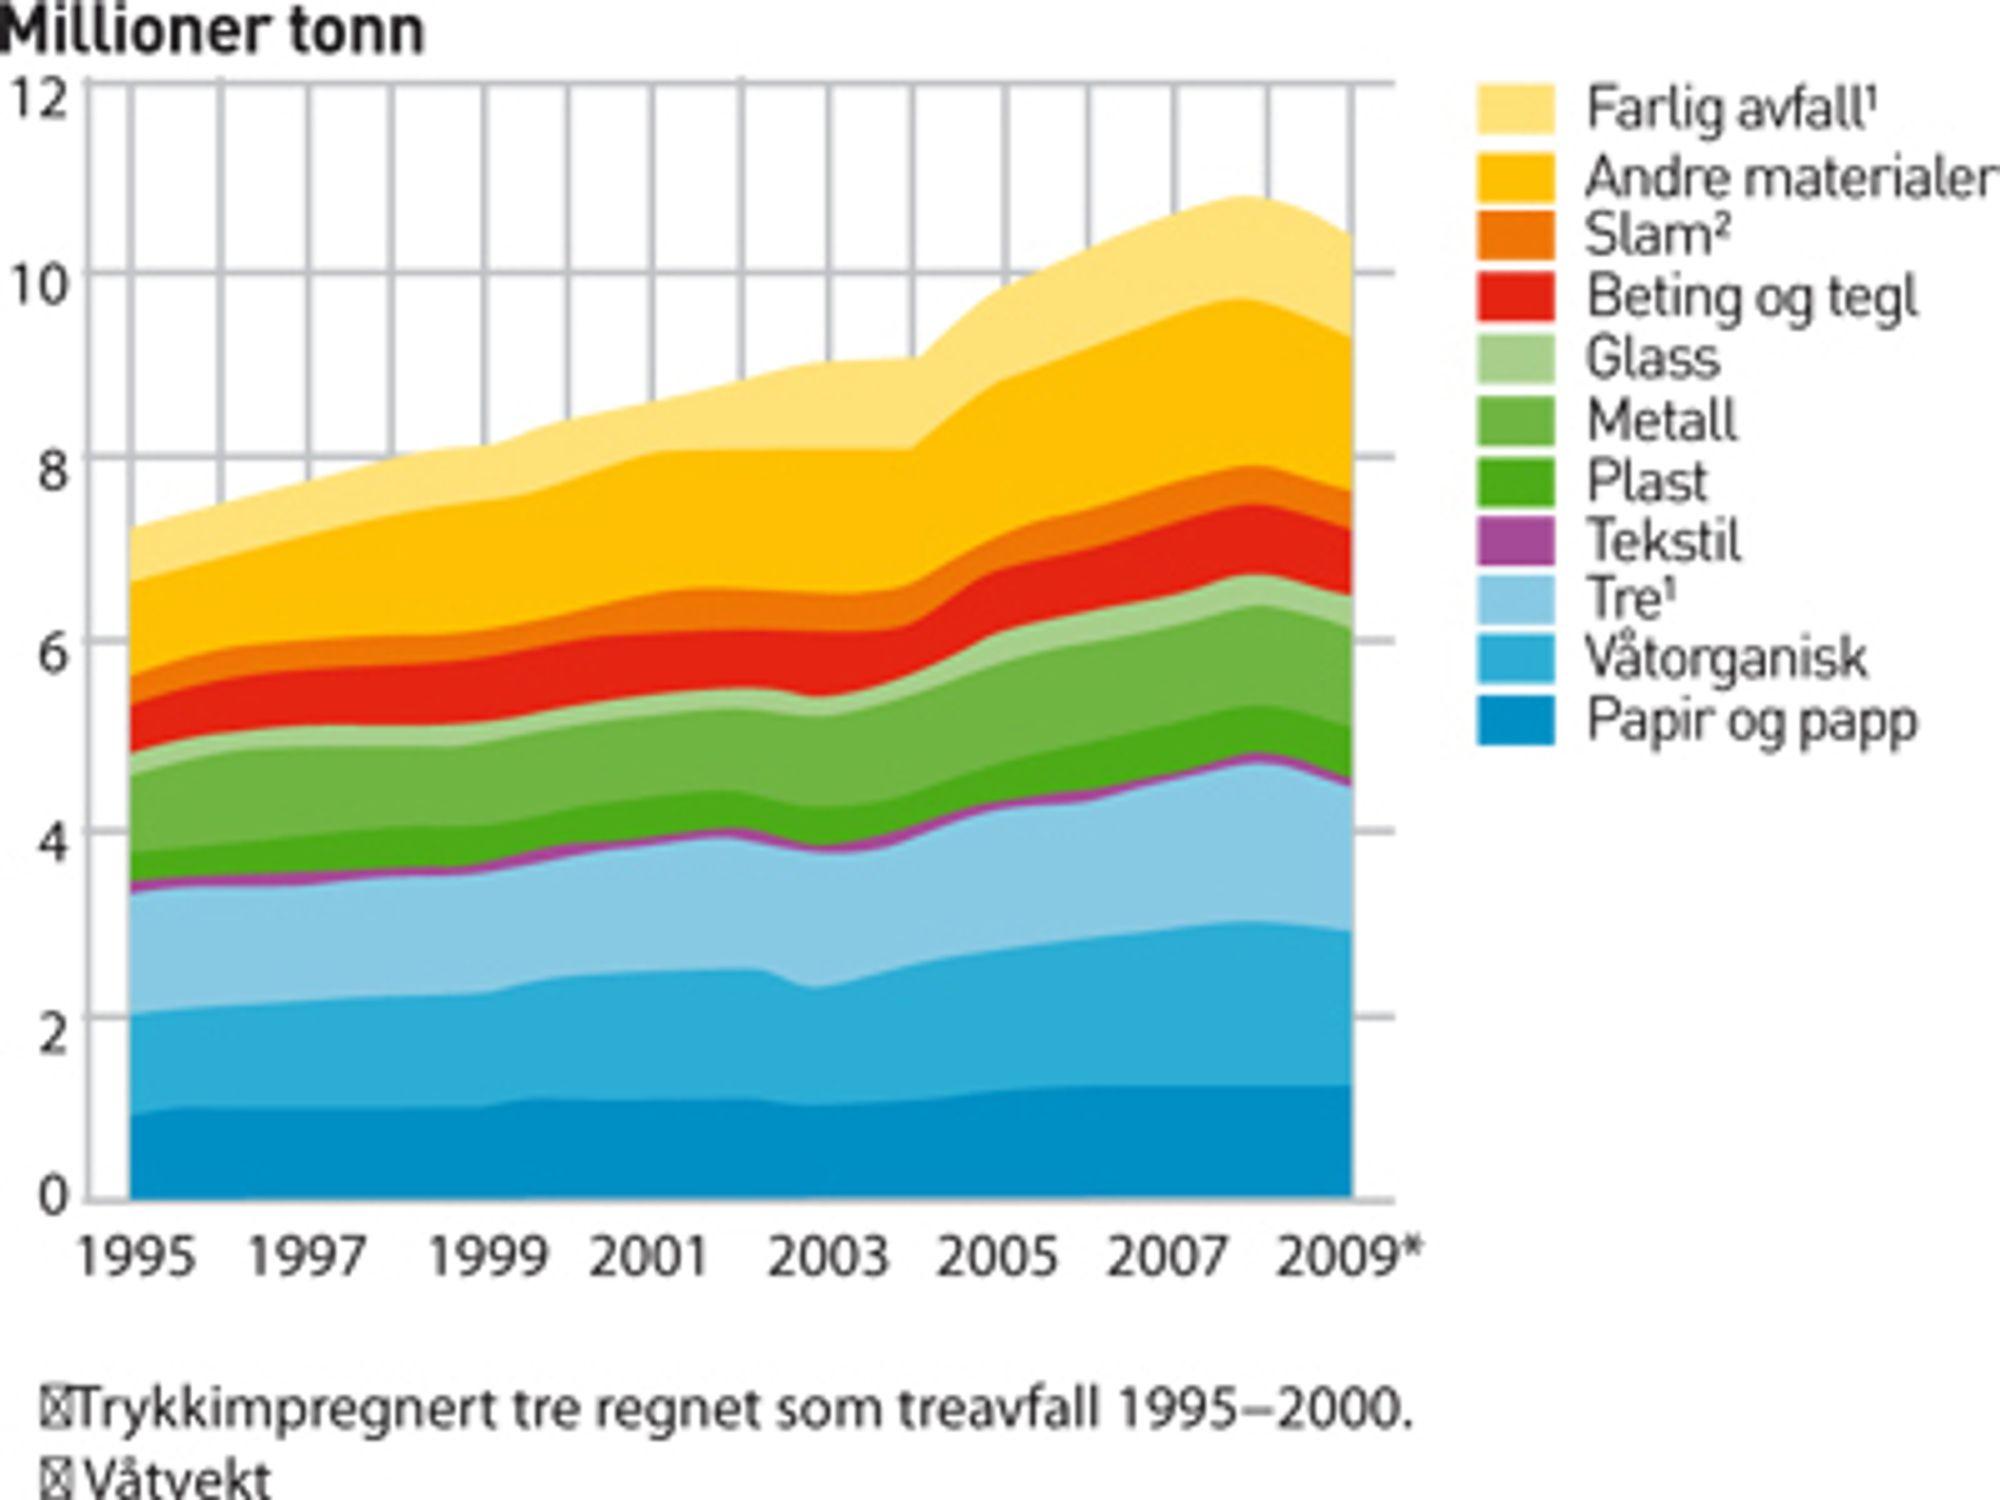 AVFALLSMENGDER I NORGE ETTER MATERIALE. Endelige tall 1995-2007, foreløpige tall 2008 og 2009. Trykkimpregnert tre regnet som treavfall 1995-2000. For slam regnes våtvekt.